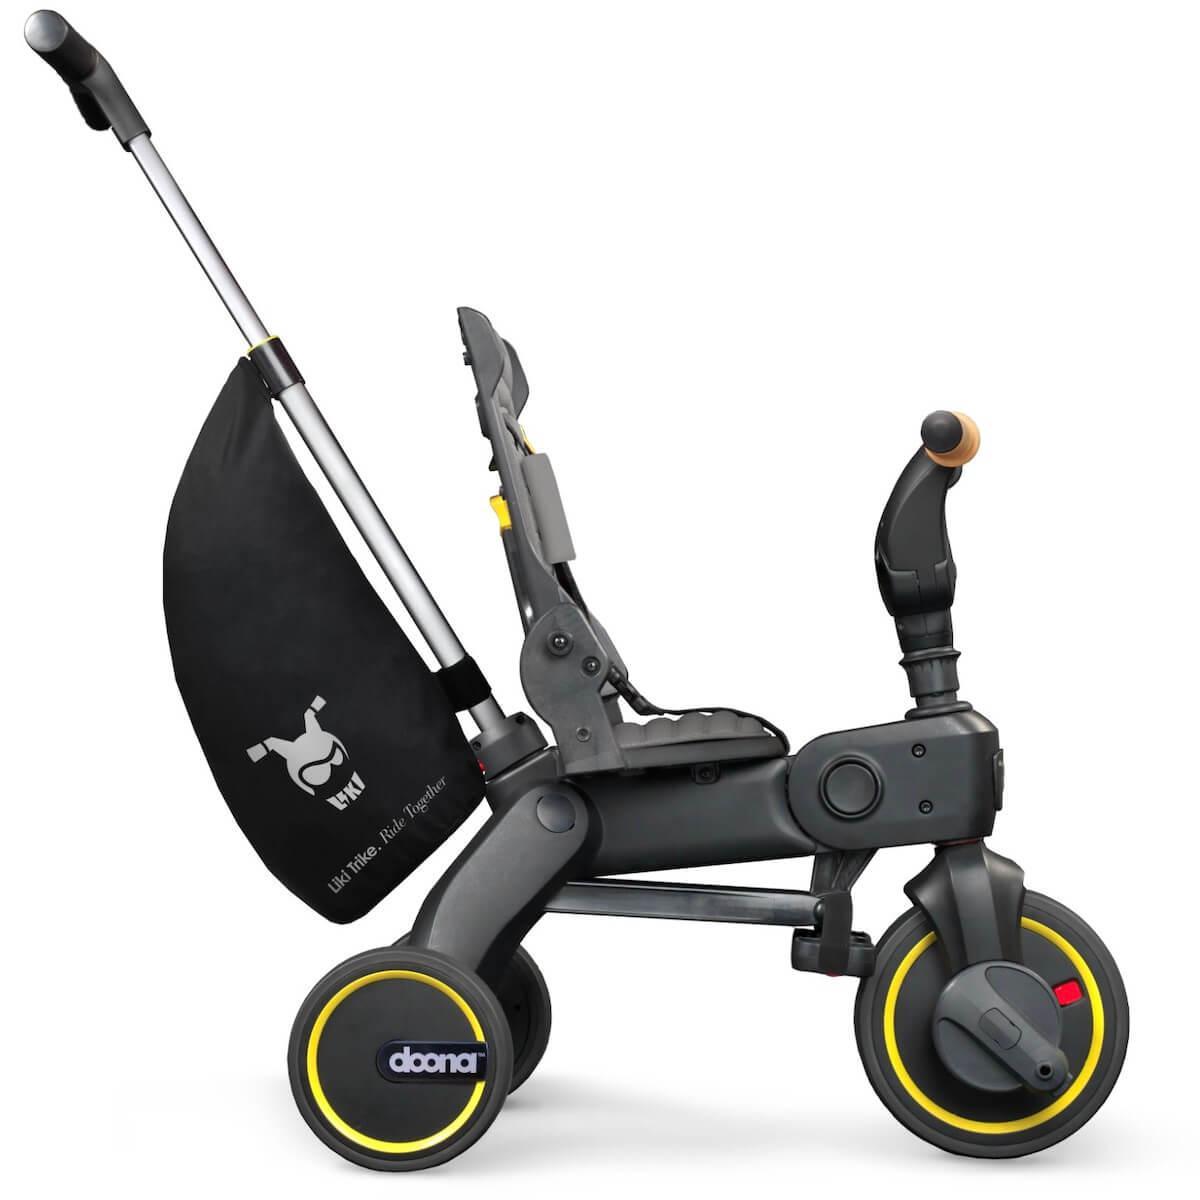 Tricycle LIKI TRIKE S5 Doona grey hound